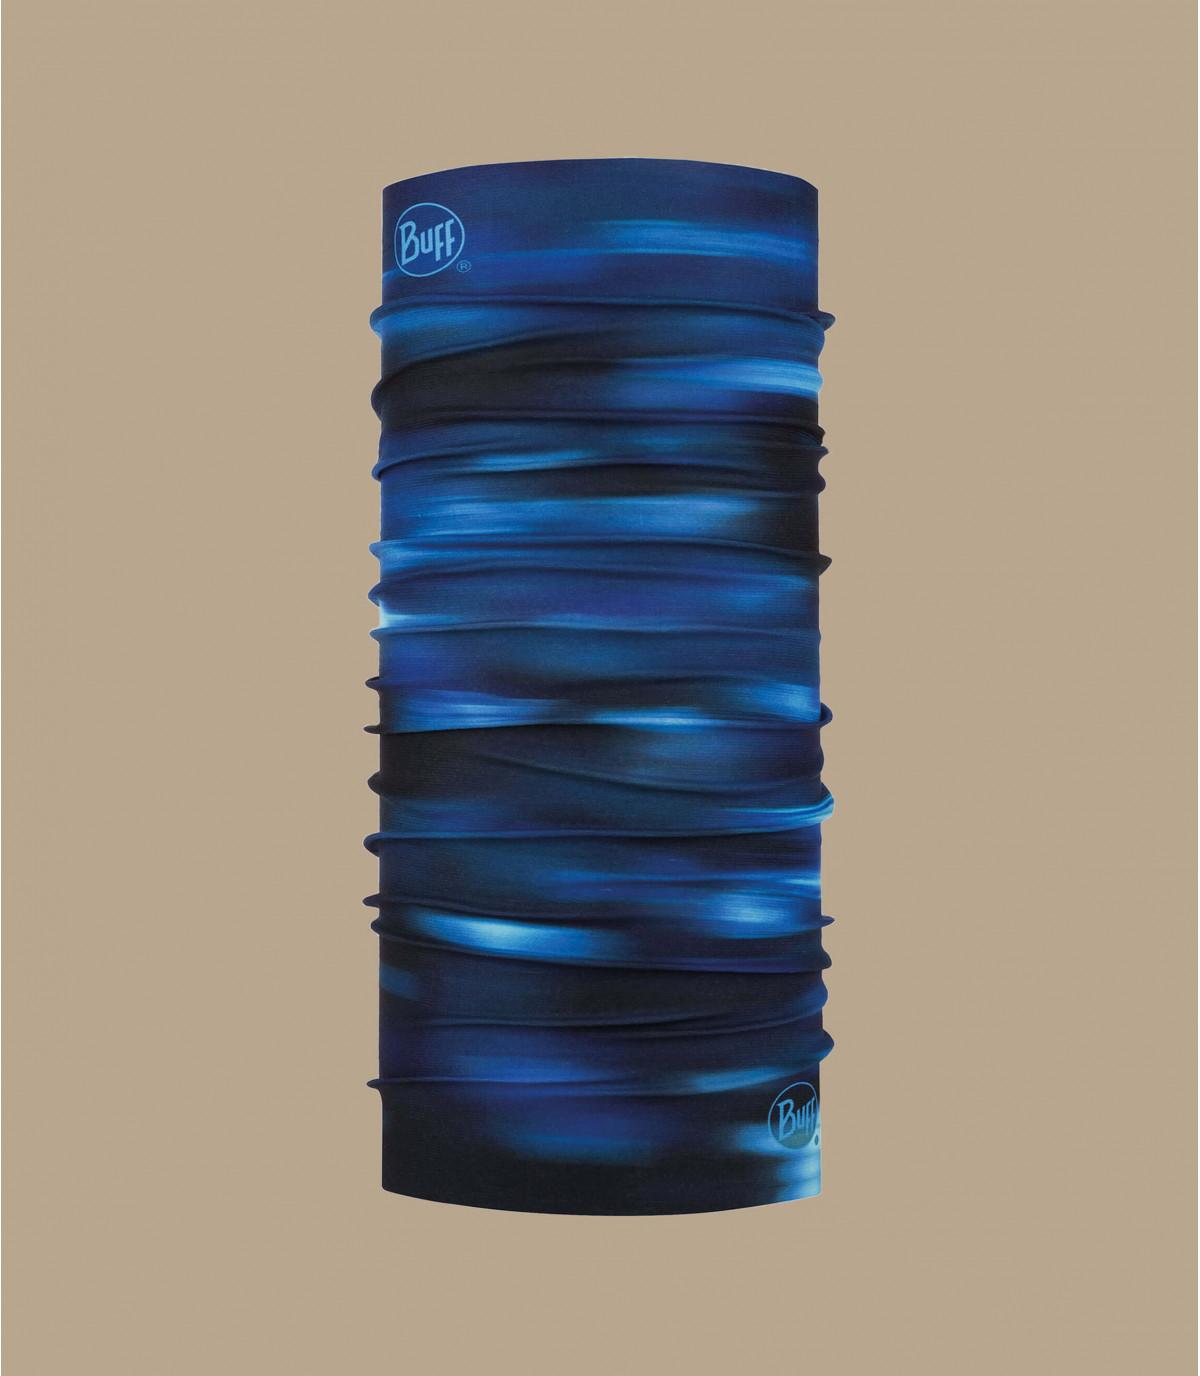 Buff stampato nero blu